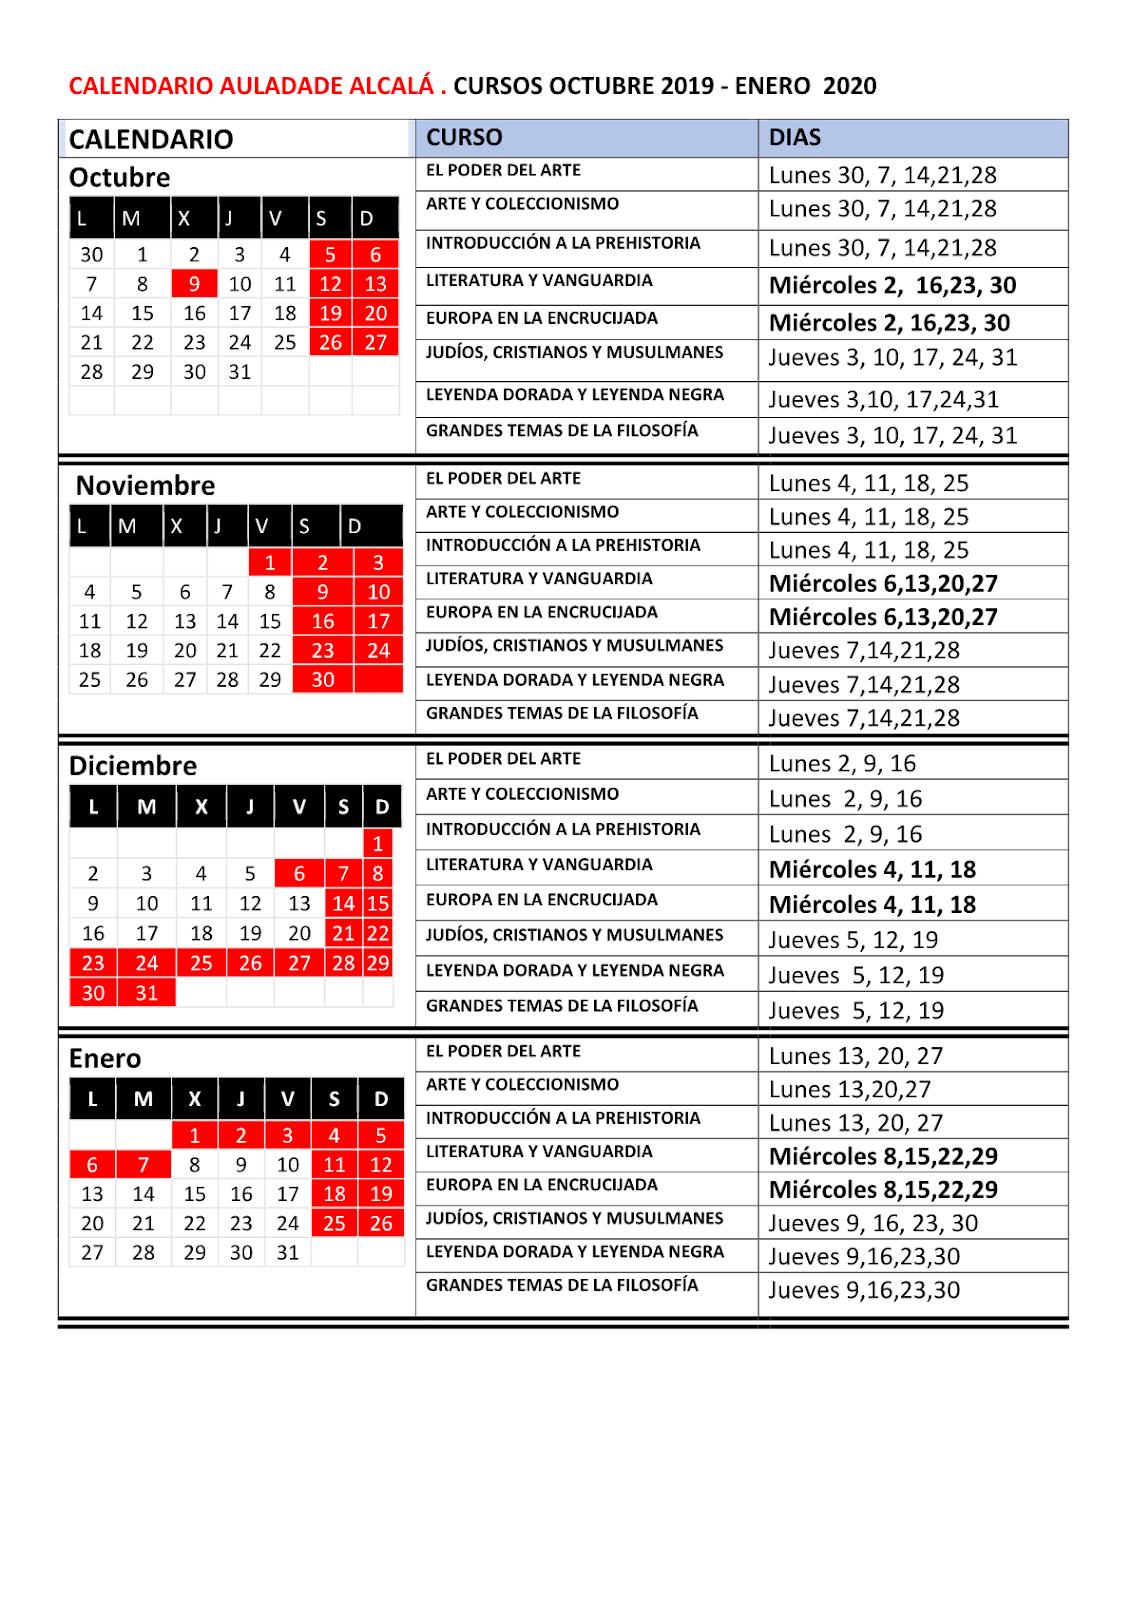 Calendario Urjc 2020 2019.Top 10 Punto Medio Noticias Calendario Urjc 2020